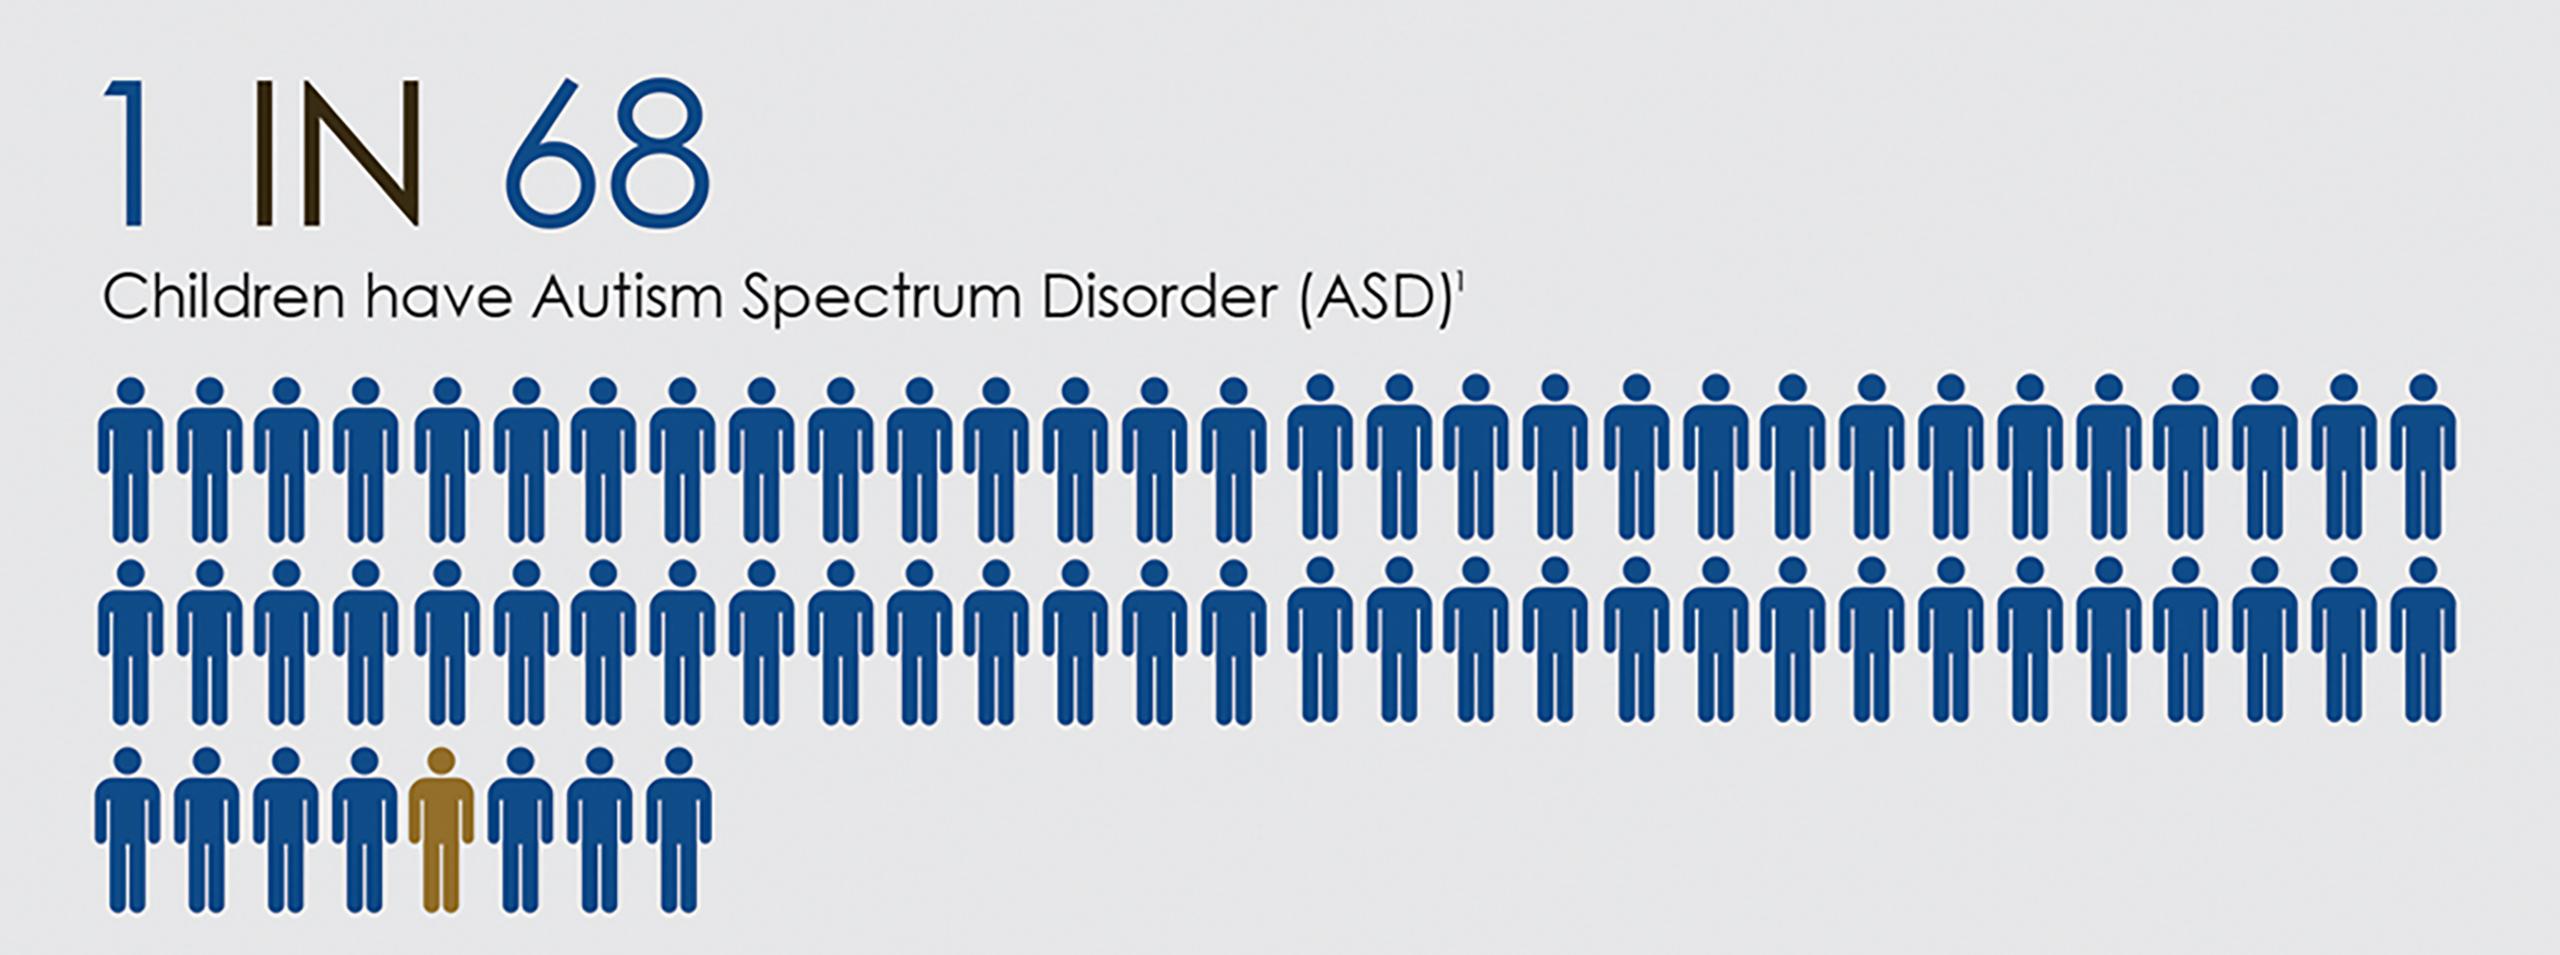 What is Autism Spectrum Disorder Integragen